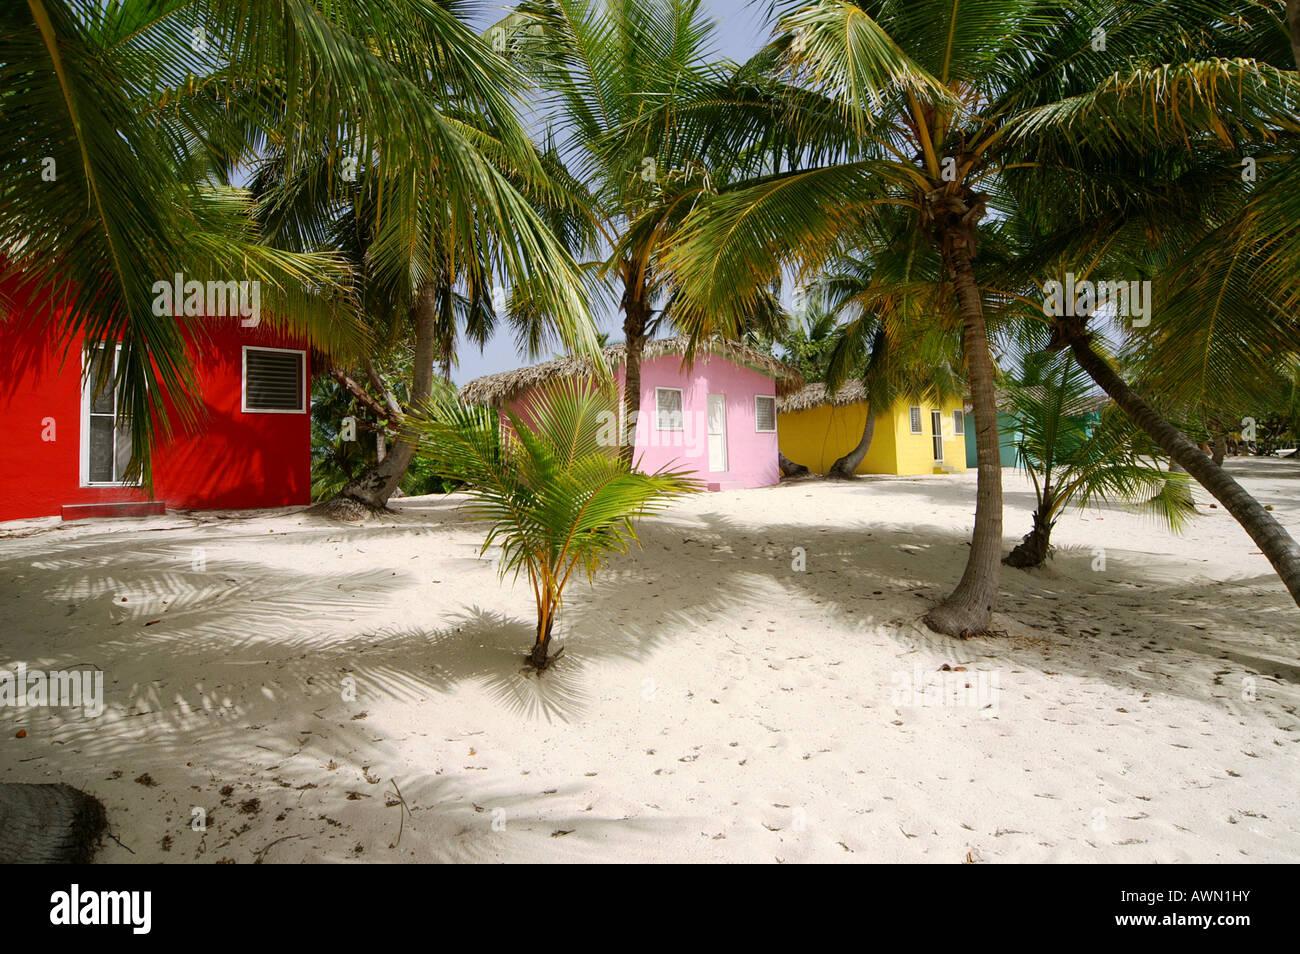 Coloridas casas del Caribe en la playa de la Isla Catalina, República Dominicana, El Caribe, América Imagen De Stock